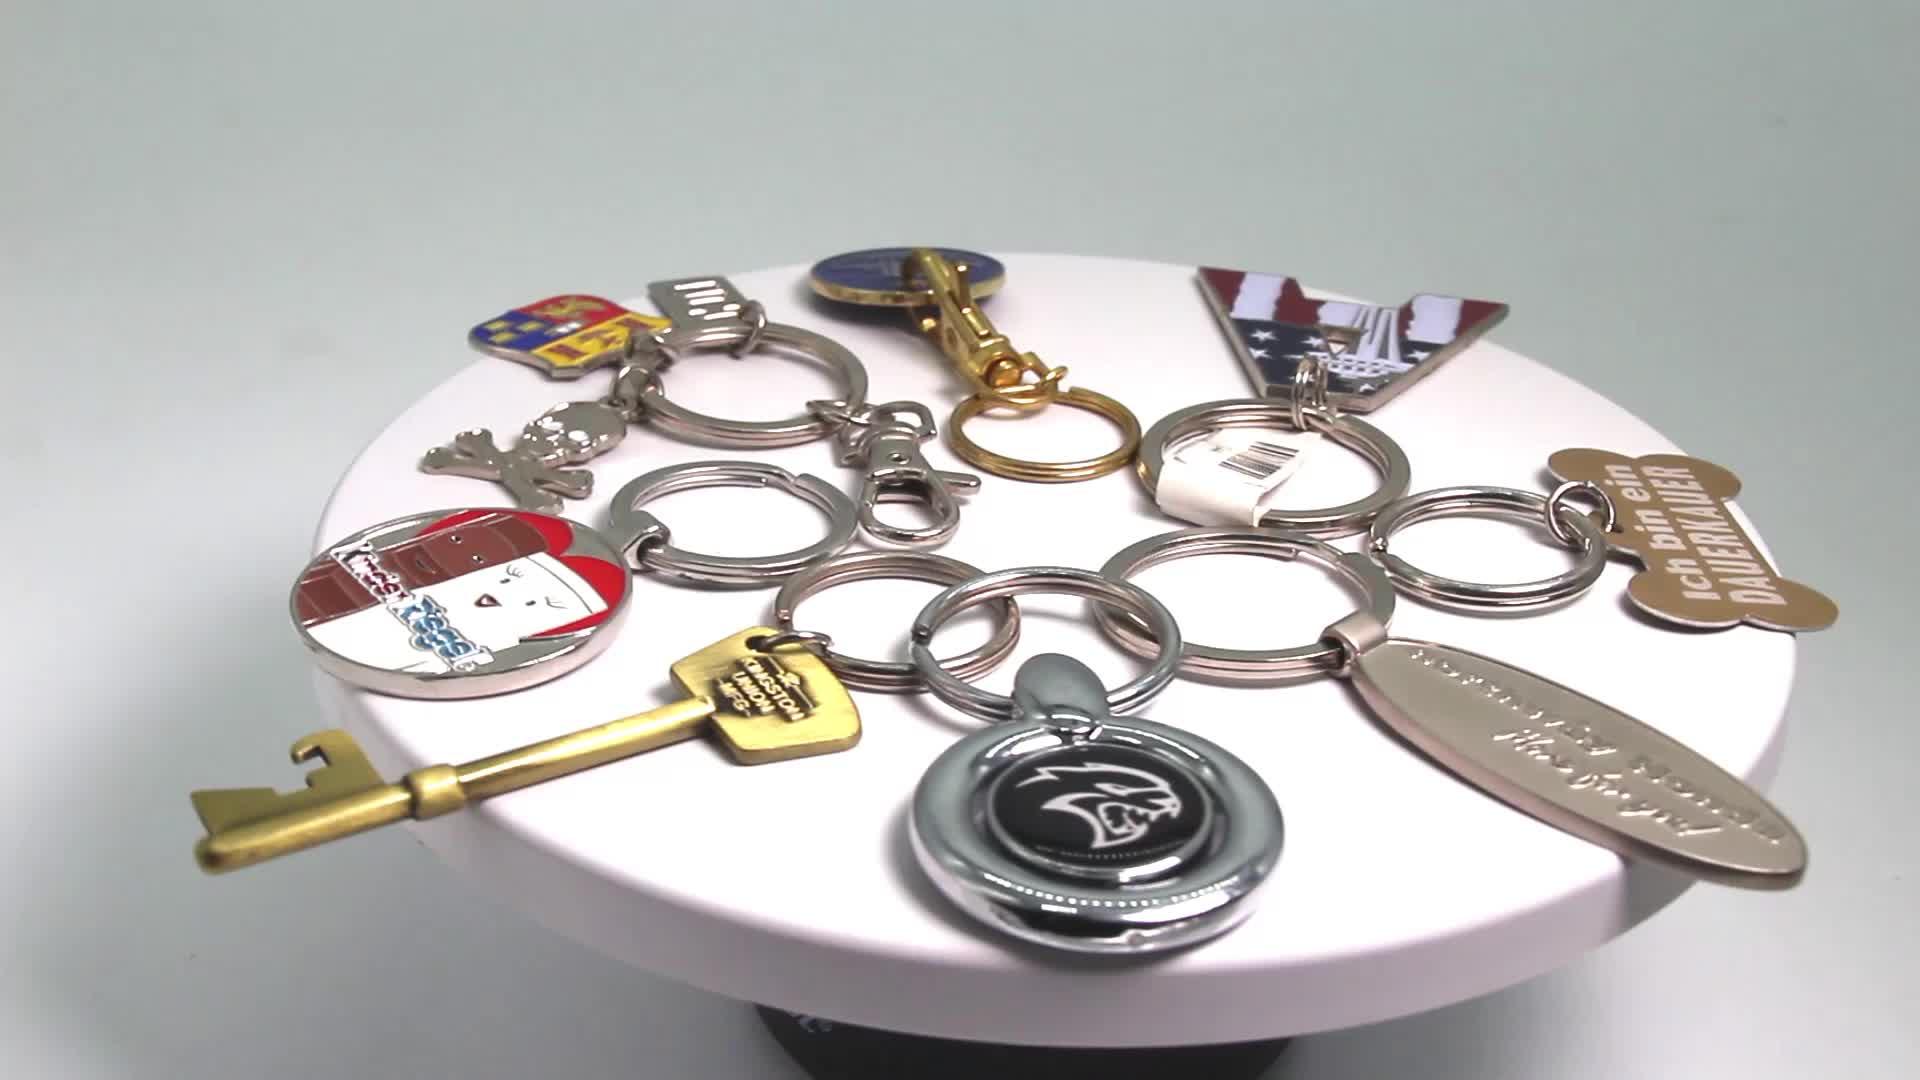 سلاسل المفاتيح الصين صانع فارغة السائبة مفتاح ميدالية مفاتيح ذات حلقة حامل شعار مخصص سلسلة المفاتيح